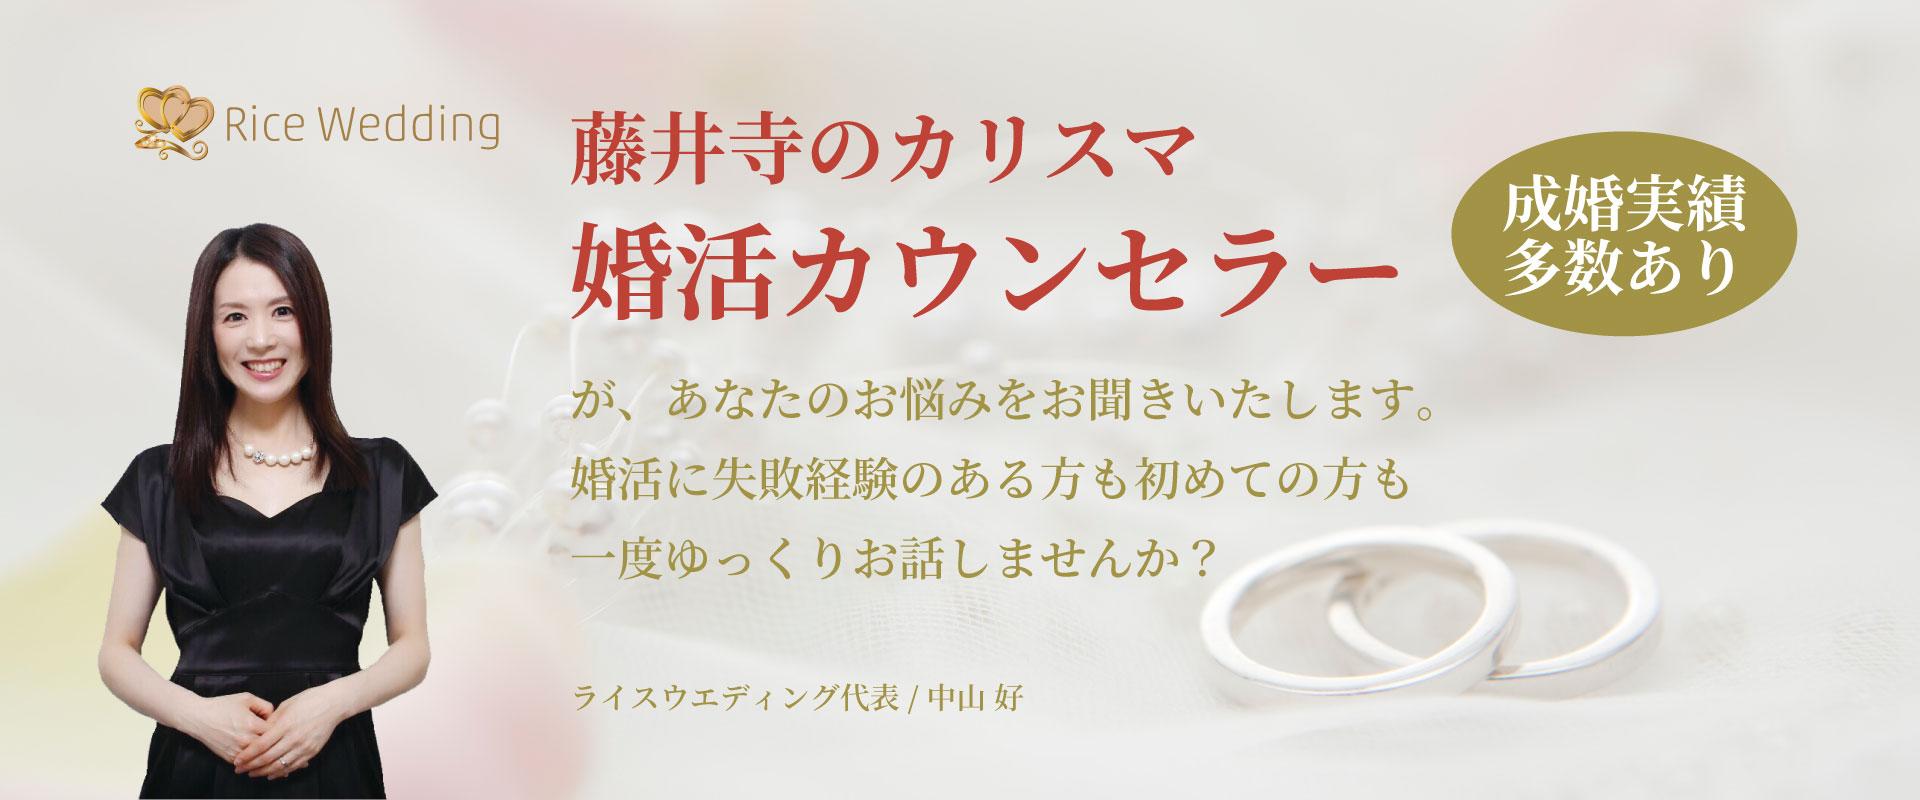 藤井寺のカリスマ婚活カウンセラー